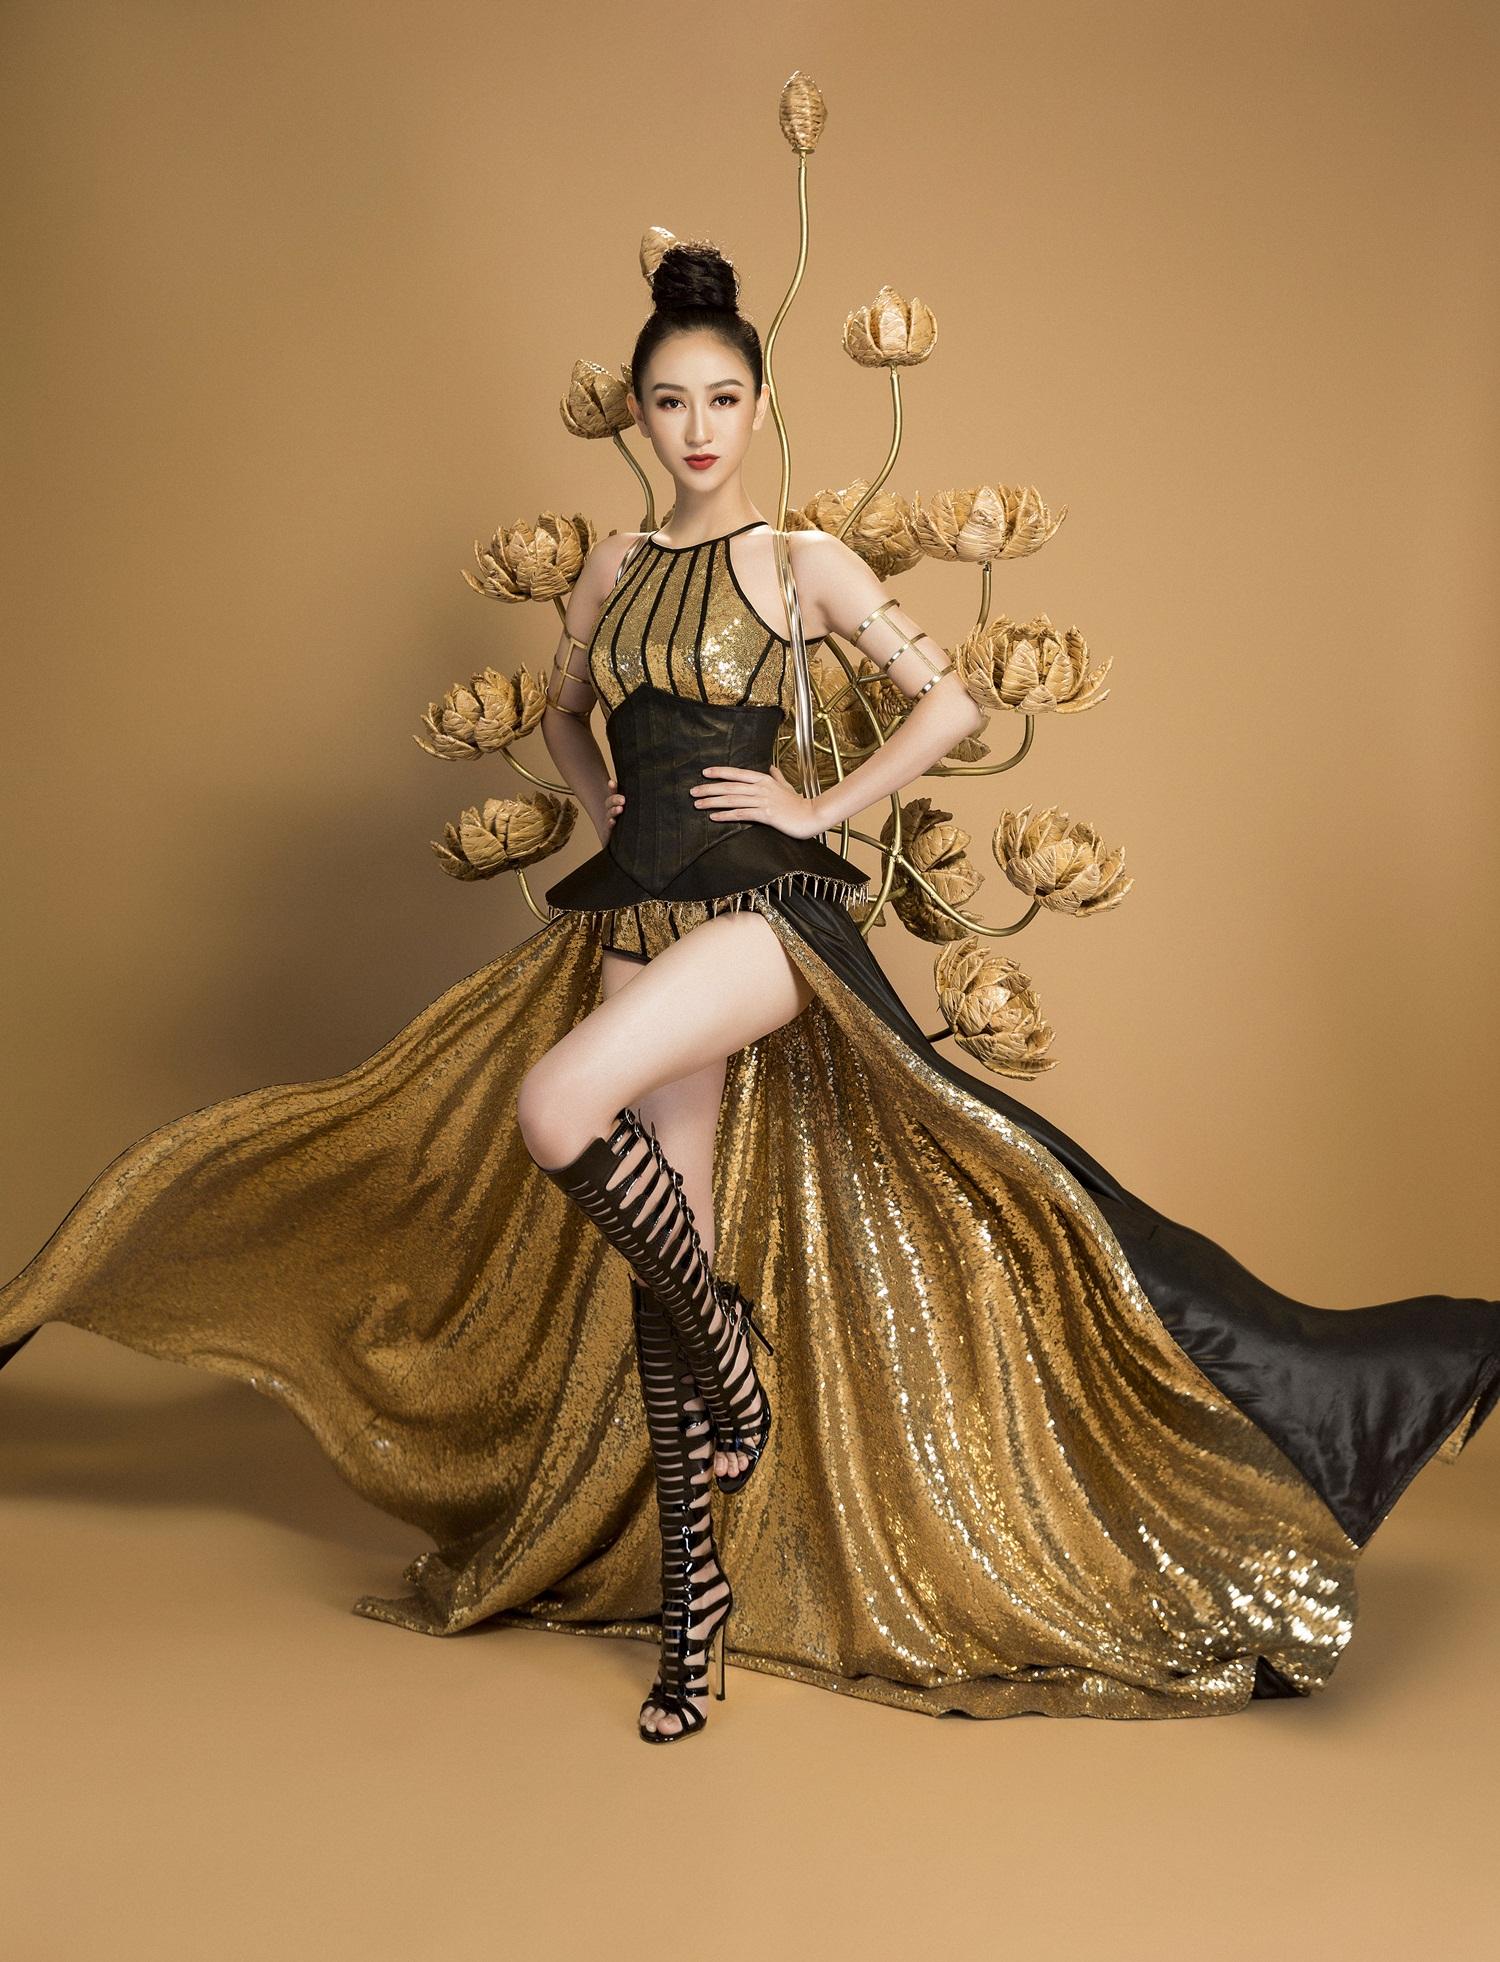 Không phải Áo dài, đây mới là trang phục truyền thống mà Hà Thu lựa chọn để tranh tài tại Miss Earth 2017 - Ảnh 7.